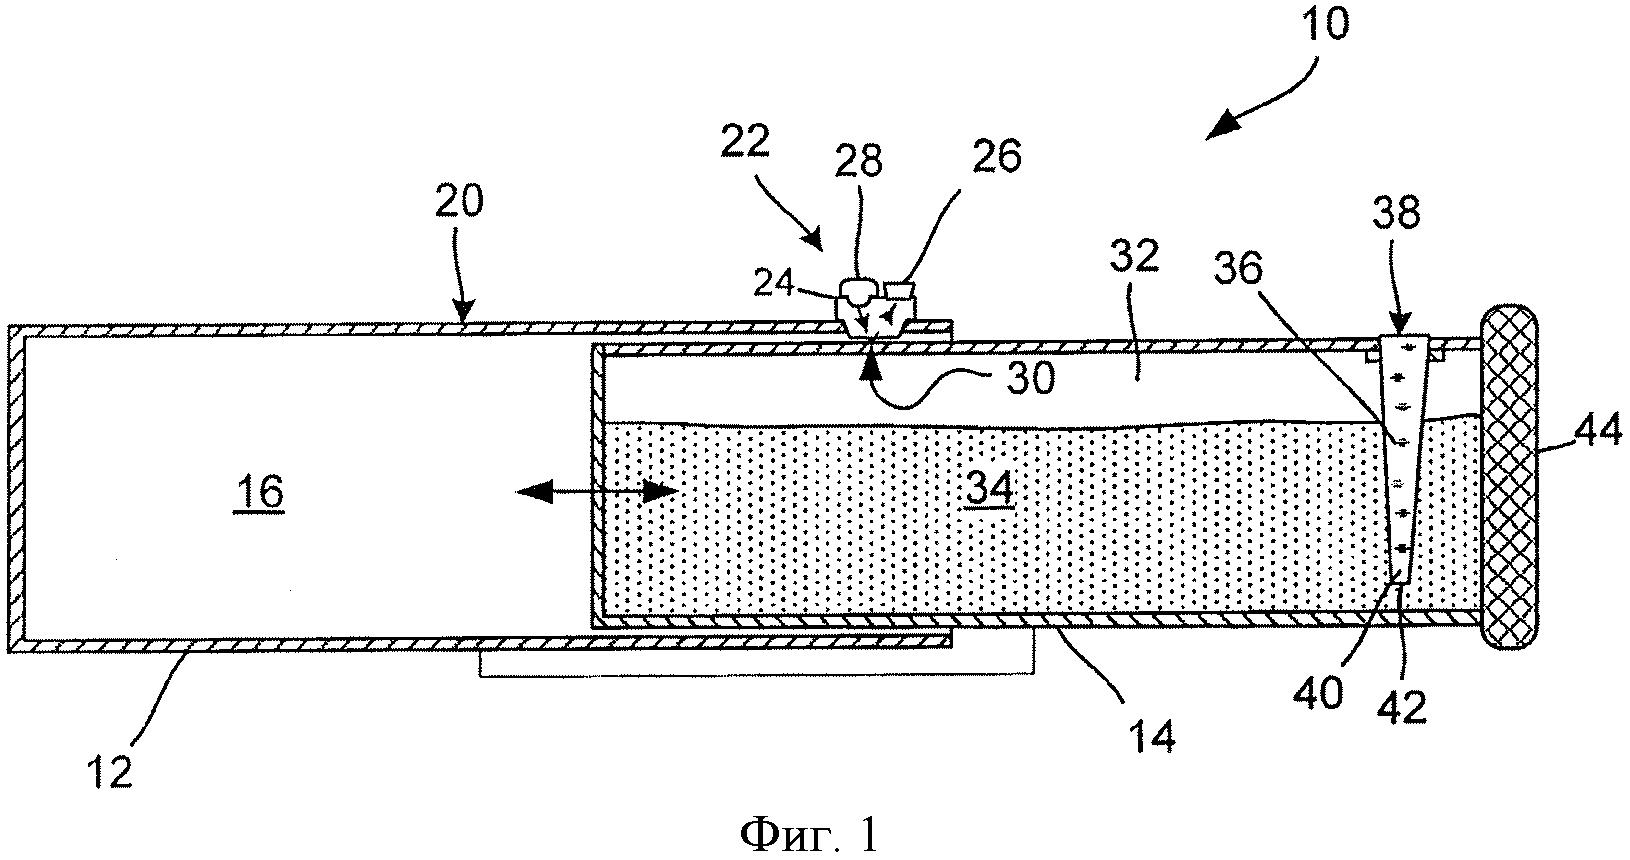 Комбинированная оптическая система распознавания контейнера и уровня заполнения